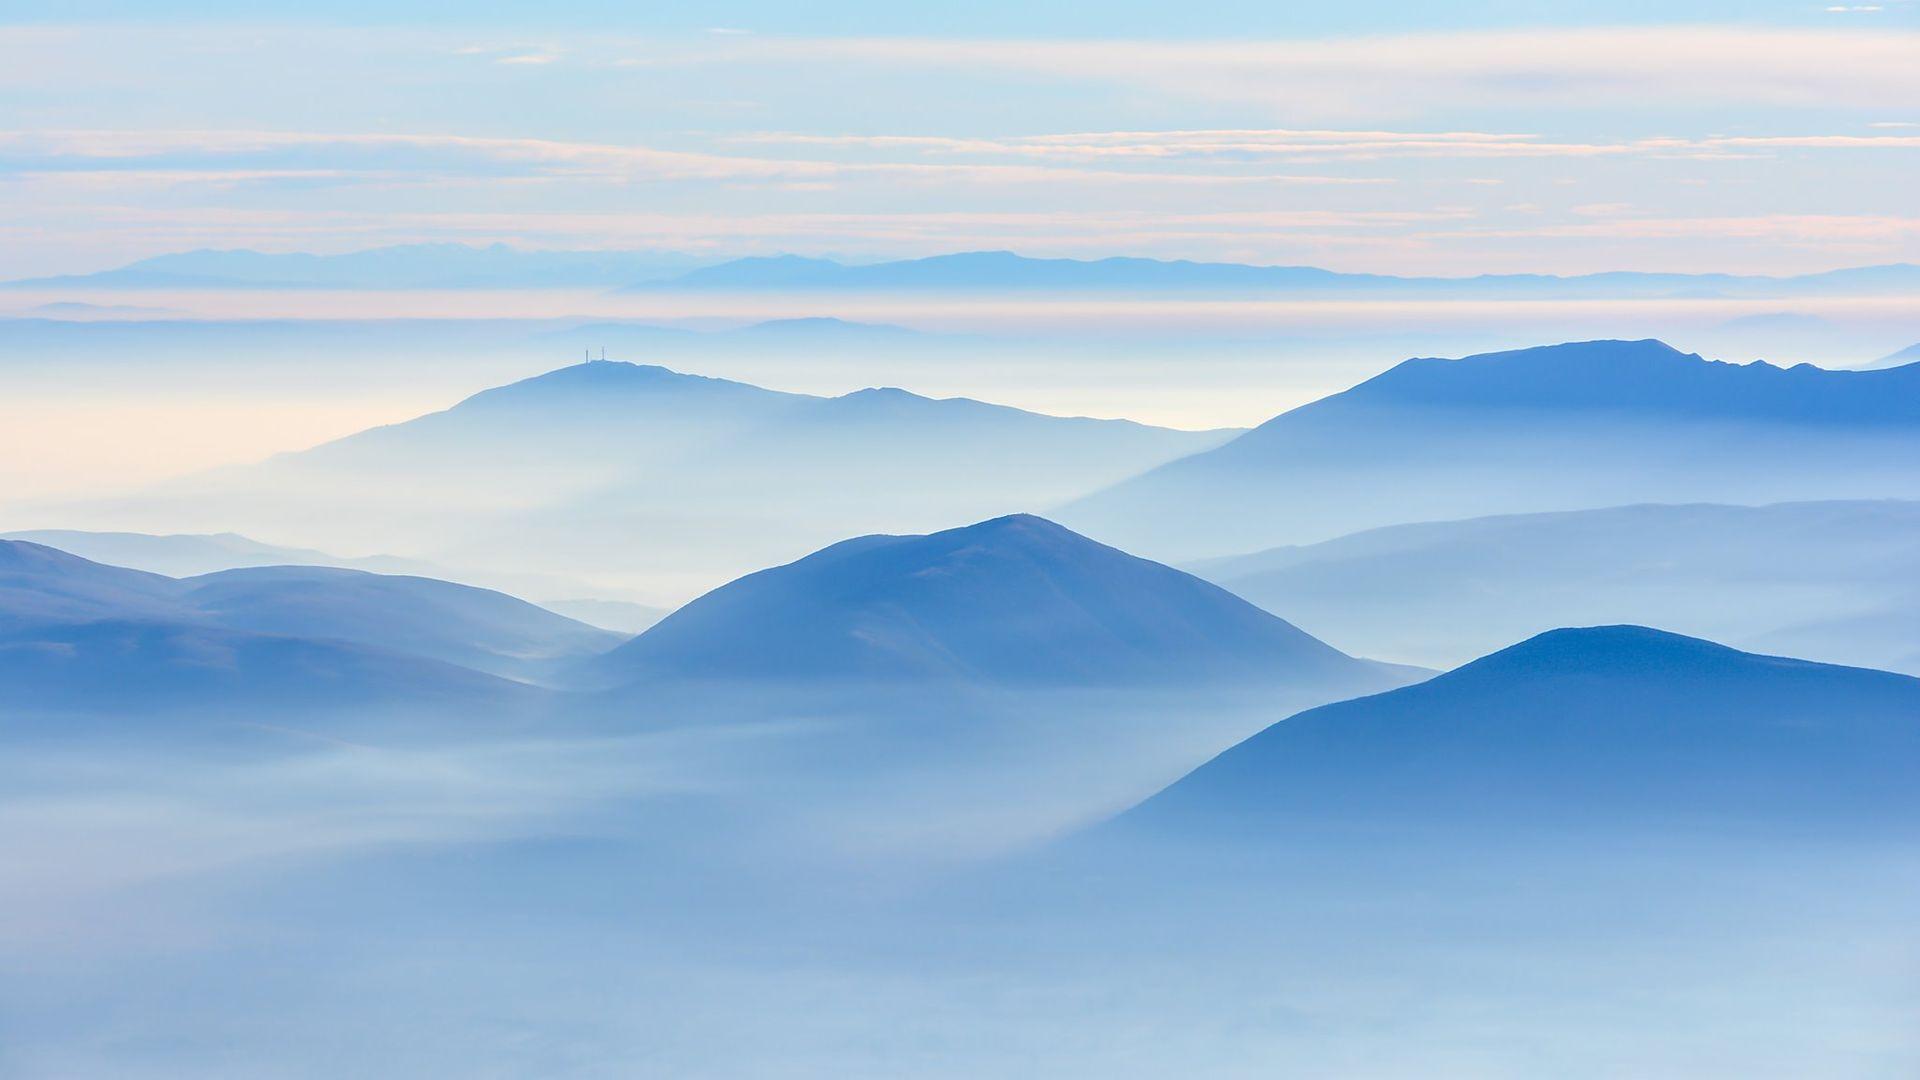 Фото — «Македония». Шар-Планина, Македония. Автор — Vladimir Tadic.